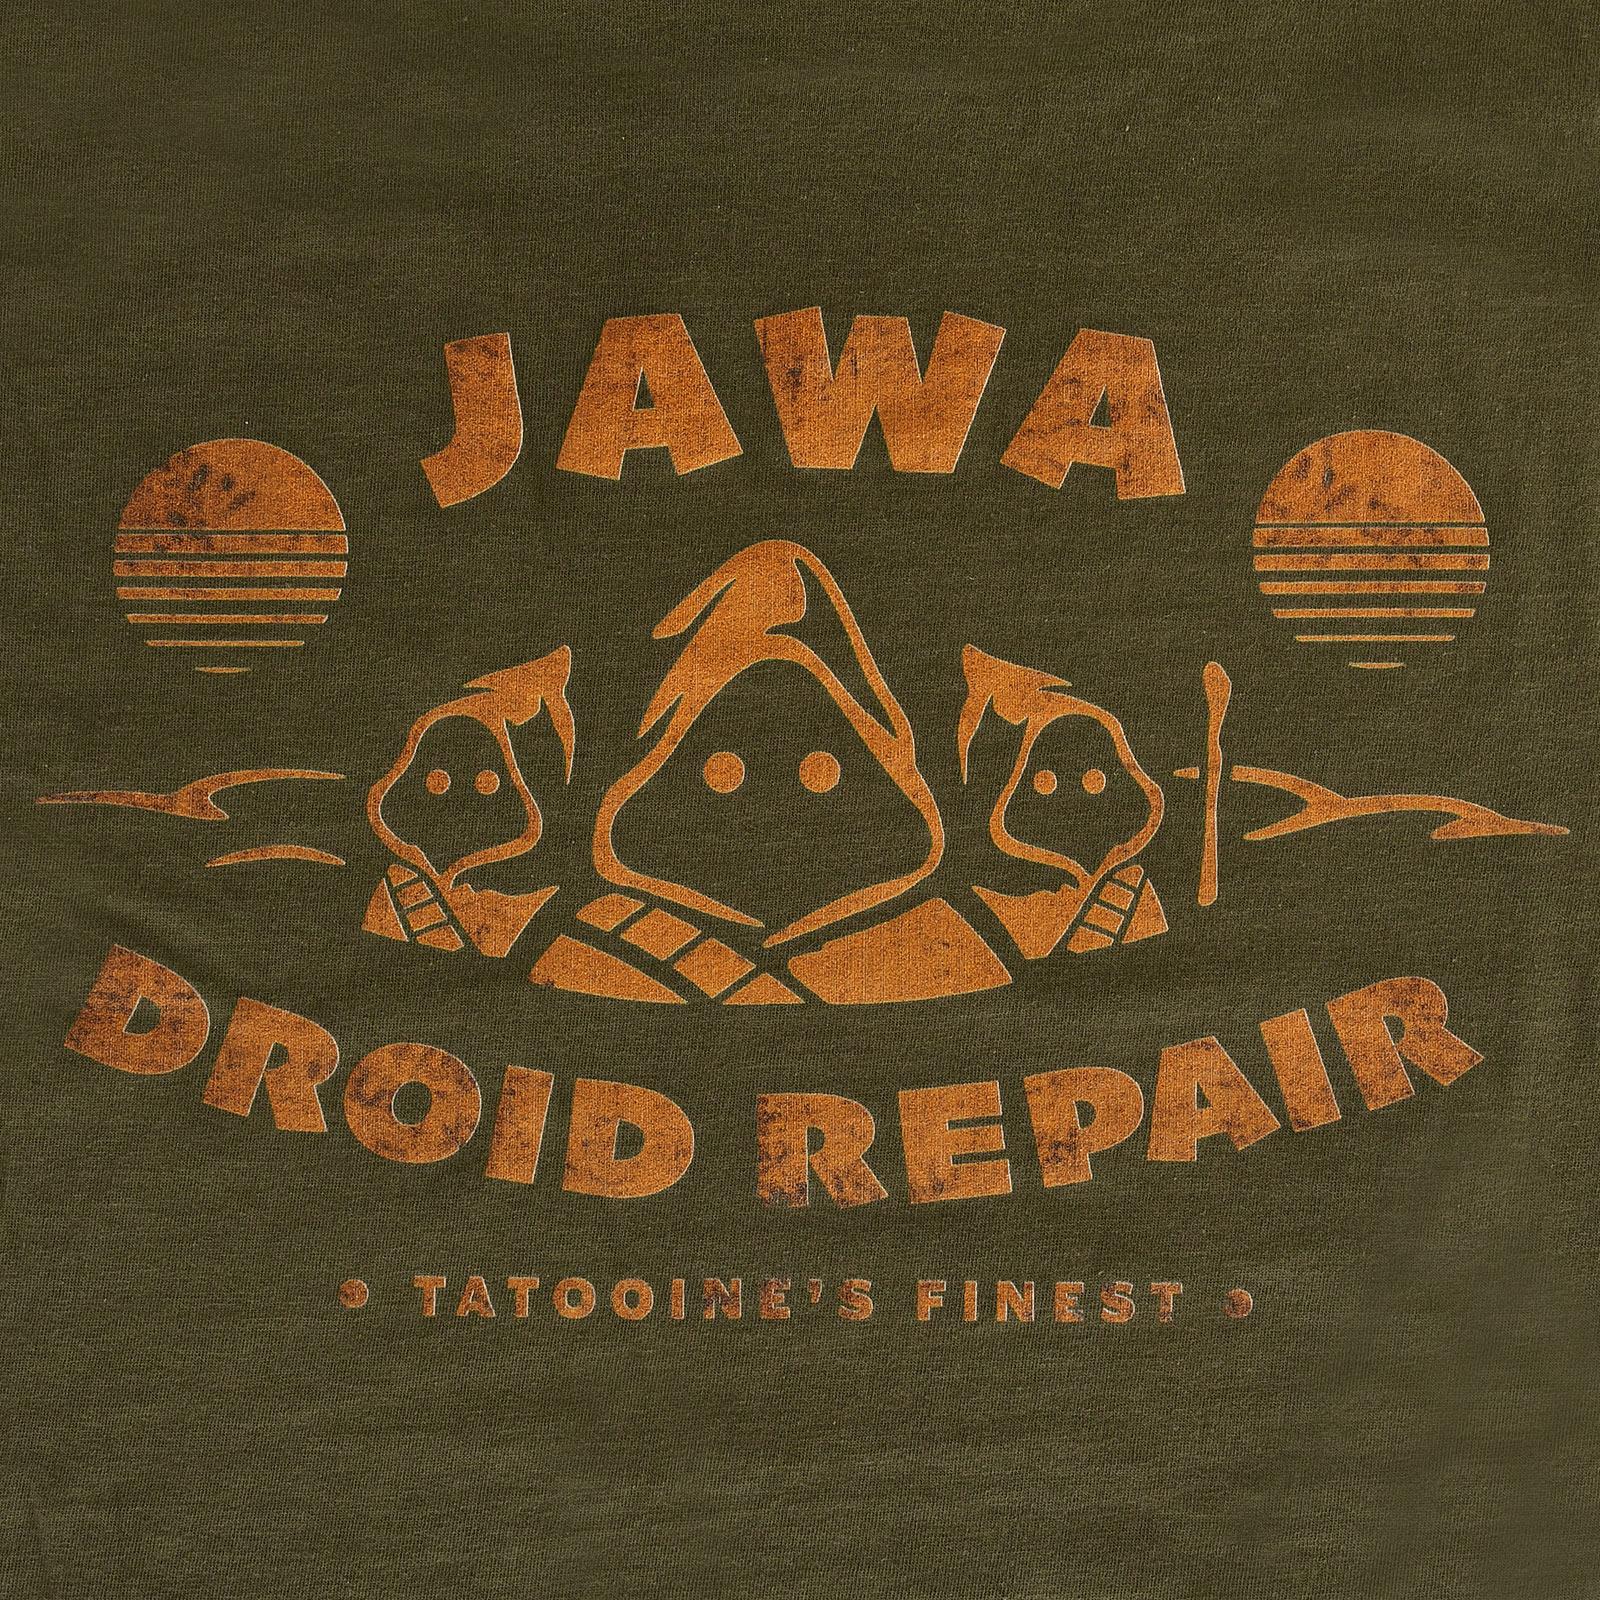 Star Wars - Jawa Droid Repair T-Shirt grün